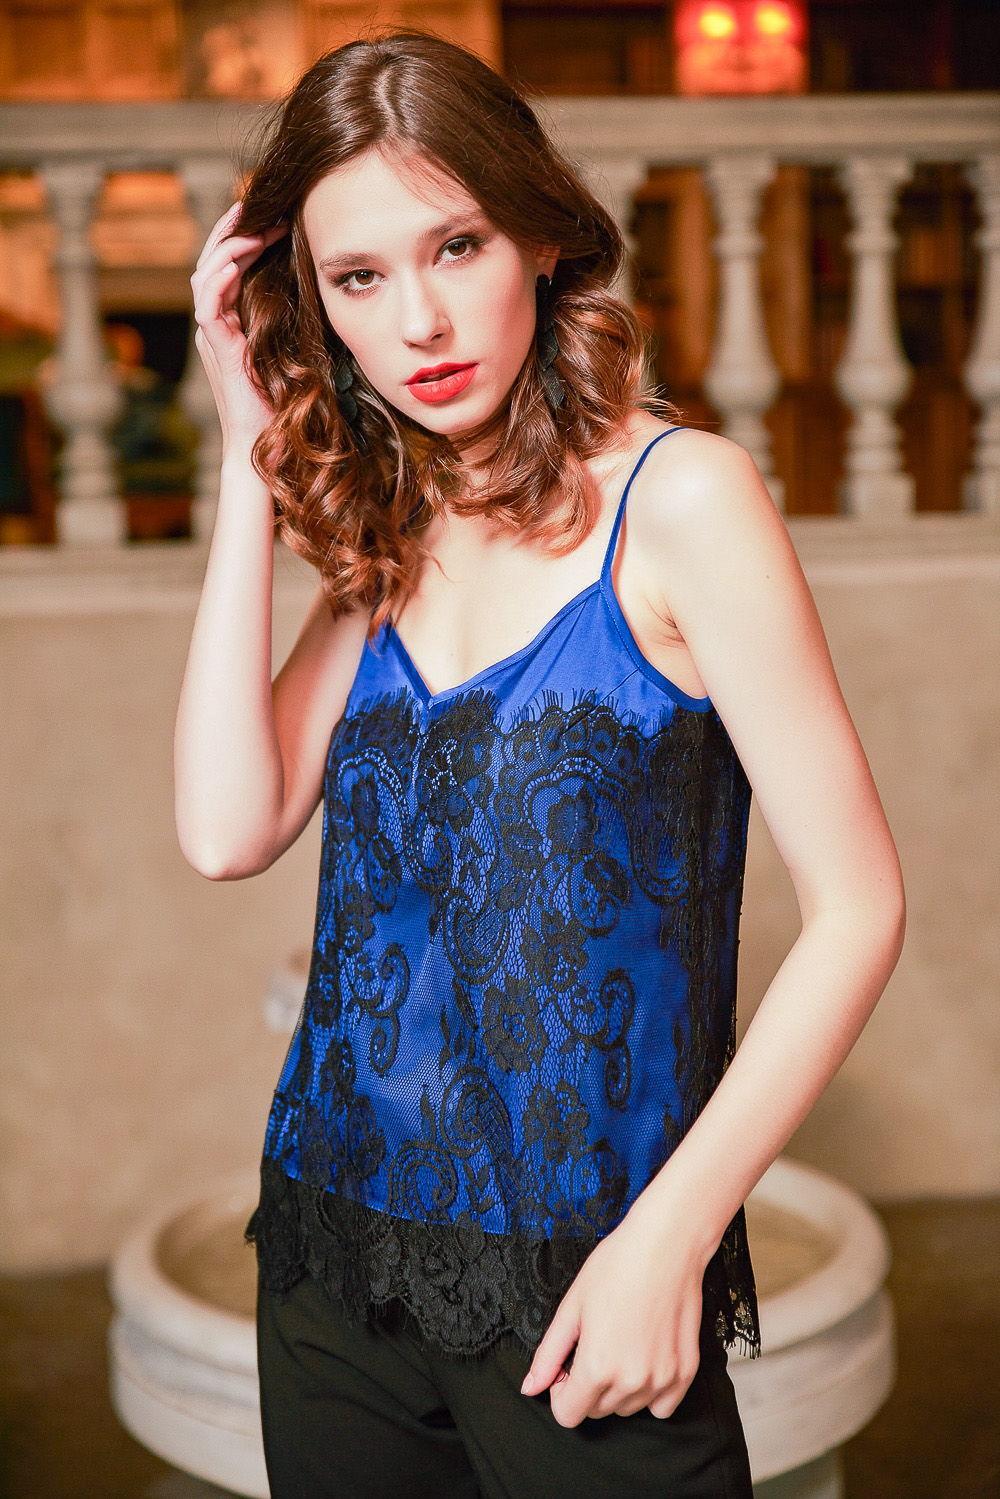 Топ Е443а-302 - Утонченный топ яркого броского синего цвета, декорированный ажурным прозрачным кружевным полотном контрастного черного цвета. Тонкие бретели оголяют нежную женскую кожу.Для любительниц откровенного соблазнительного образа.Кружевной топ добавит загадочности, эффектности и сексуальности не только в новогоднюю ночь, но и выручит при романтических свиданиях